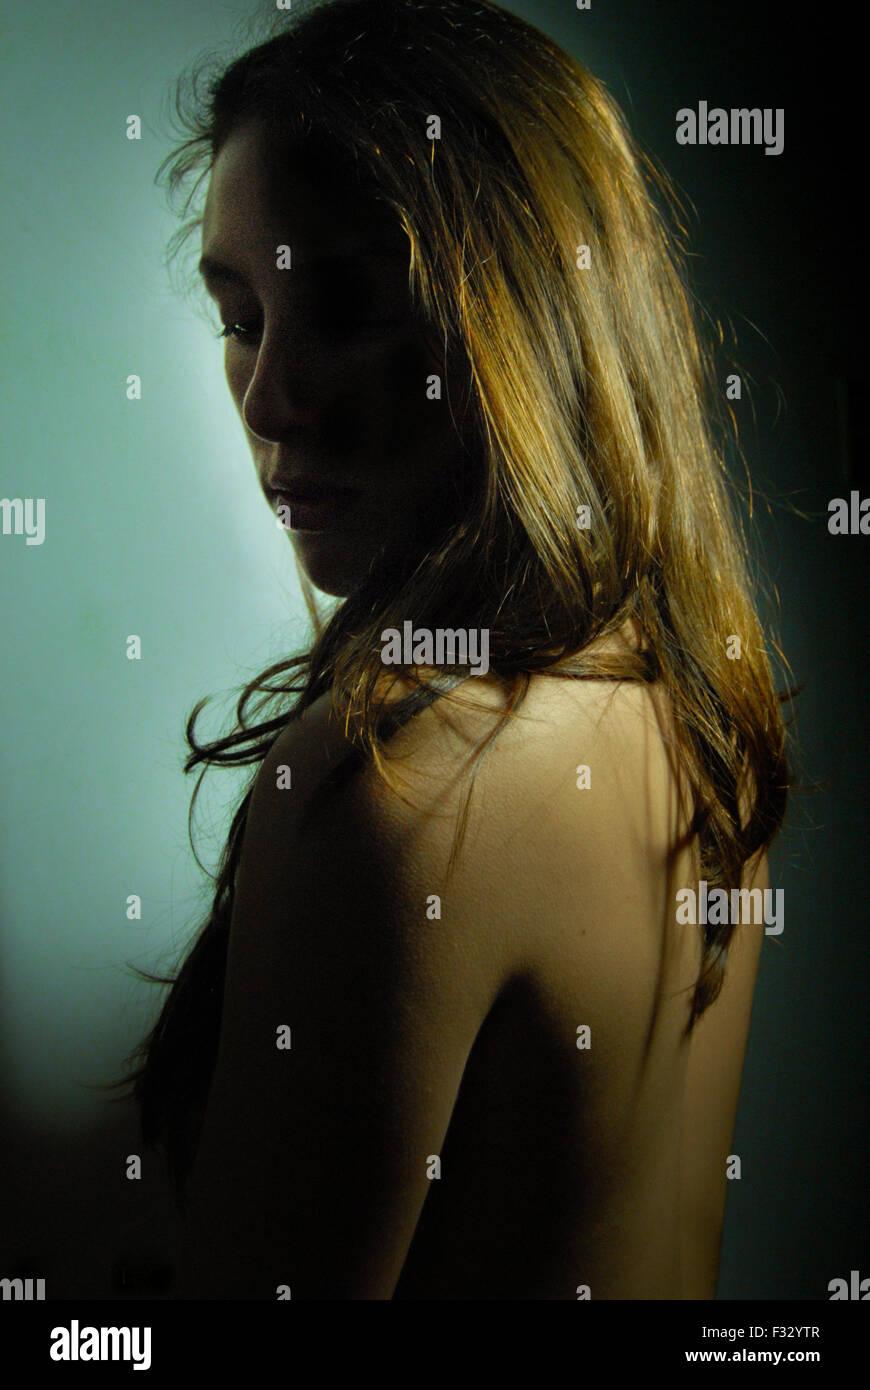 Girl zeigt ihren Rücken, Haut schönes Licht Stockbild